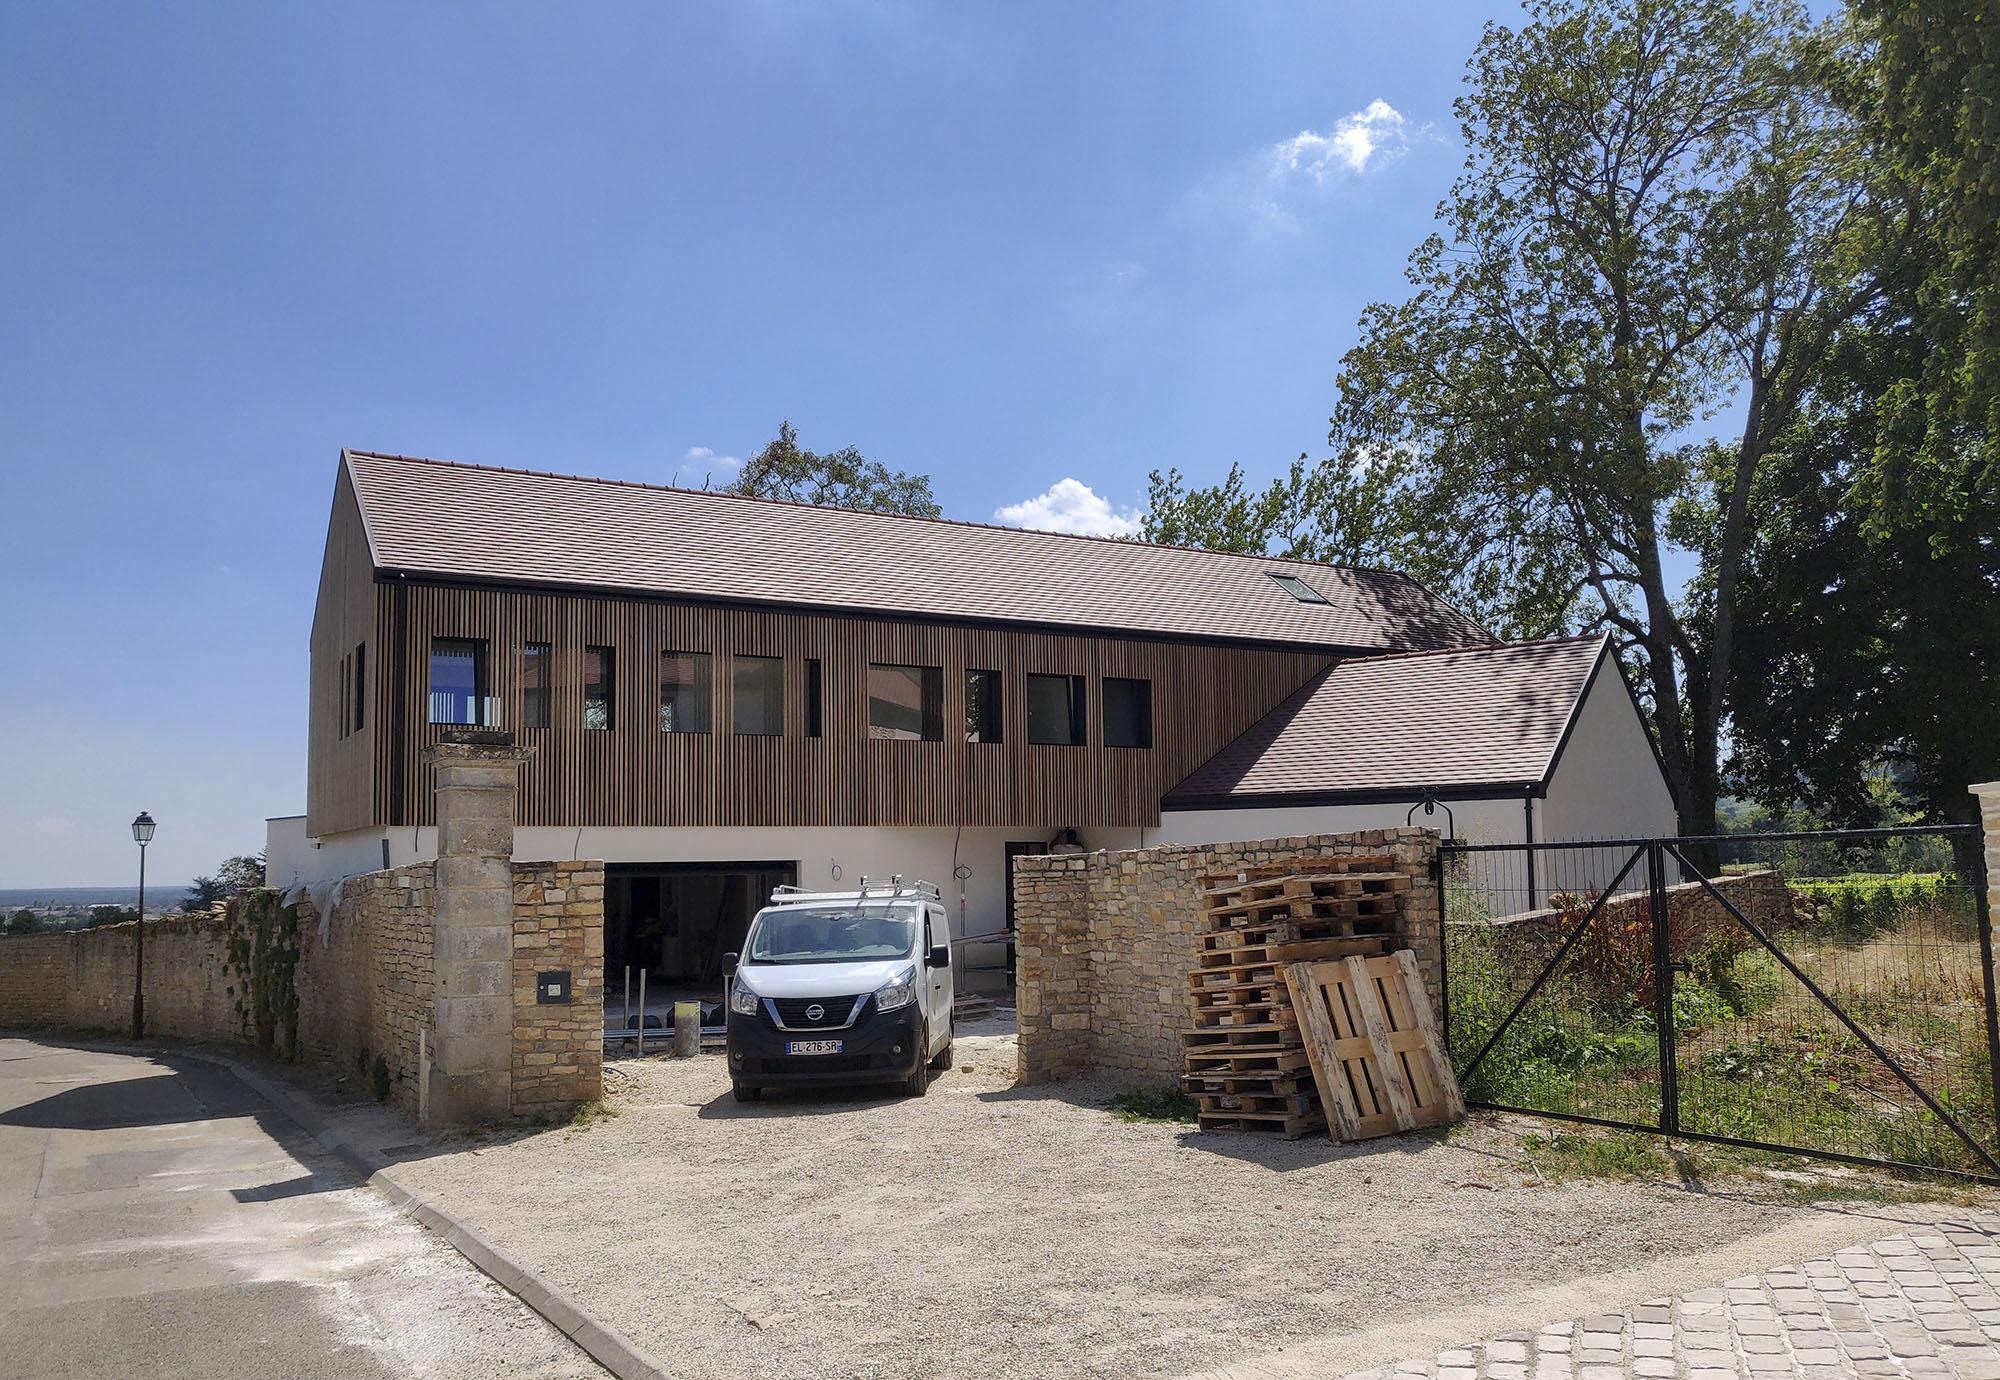 Chouette-architecture-villa-Fixin-2500-14